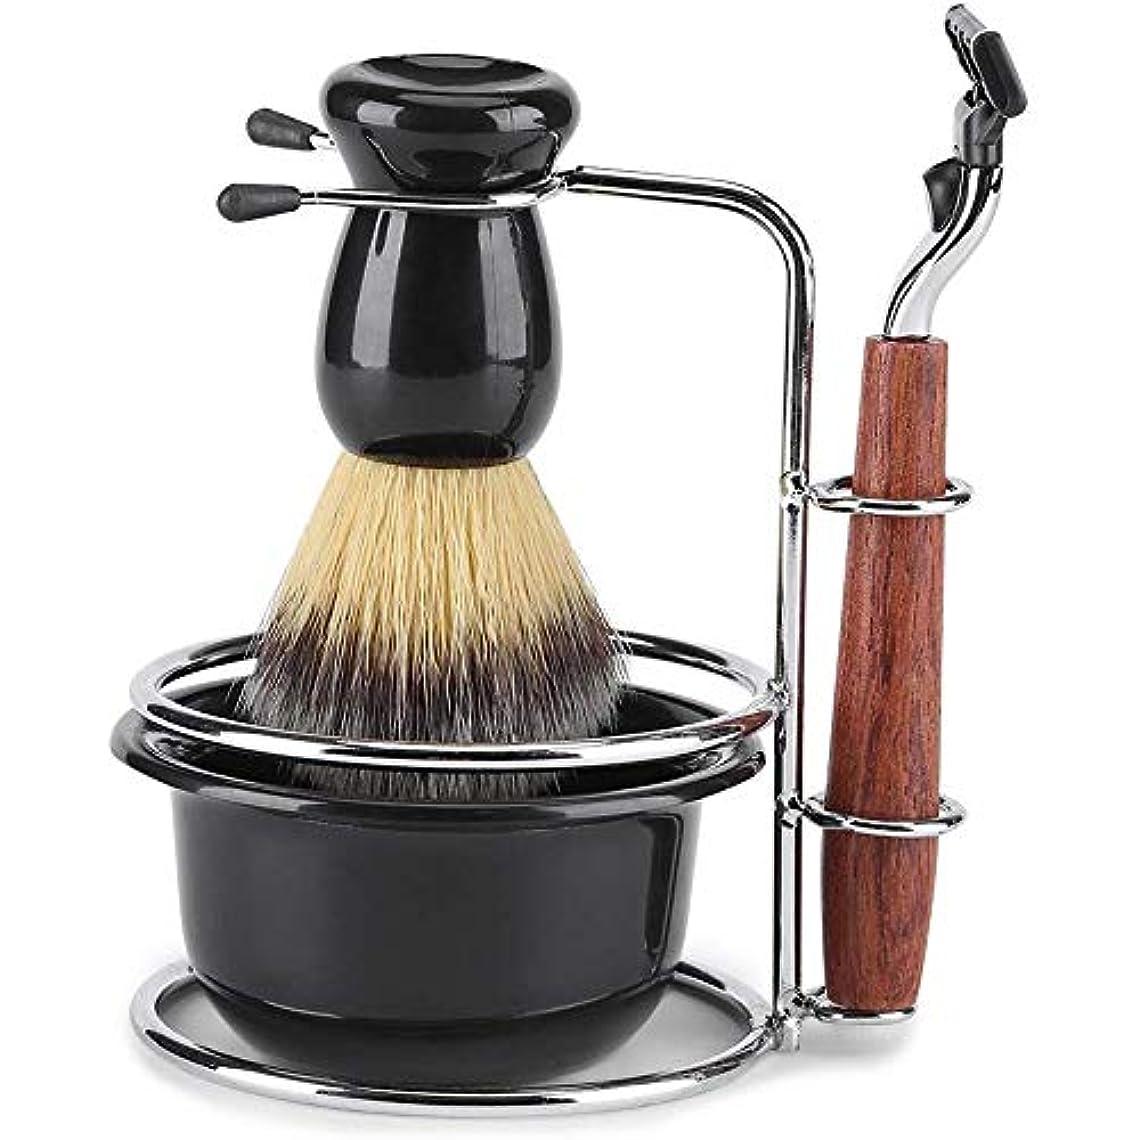 開発するパズル可聴4セットシェービングブラシセットプラシスタンド 石鹸ボウル父の日プレゼント ひげブラシ シェービングブラシ 洗顔 髭剃り